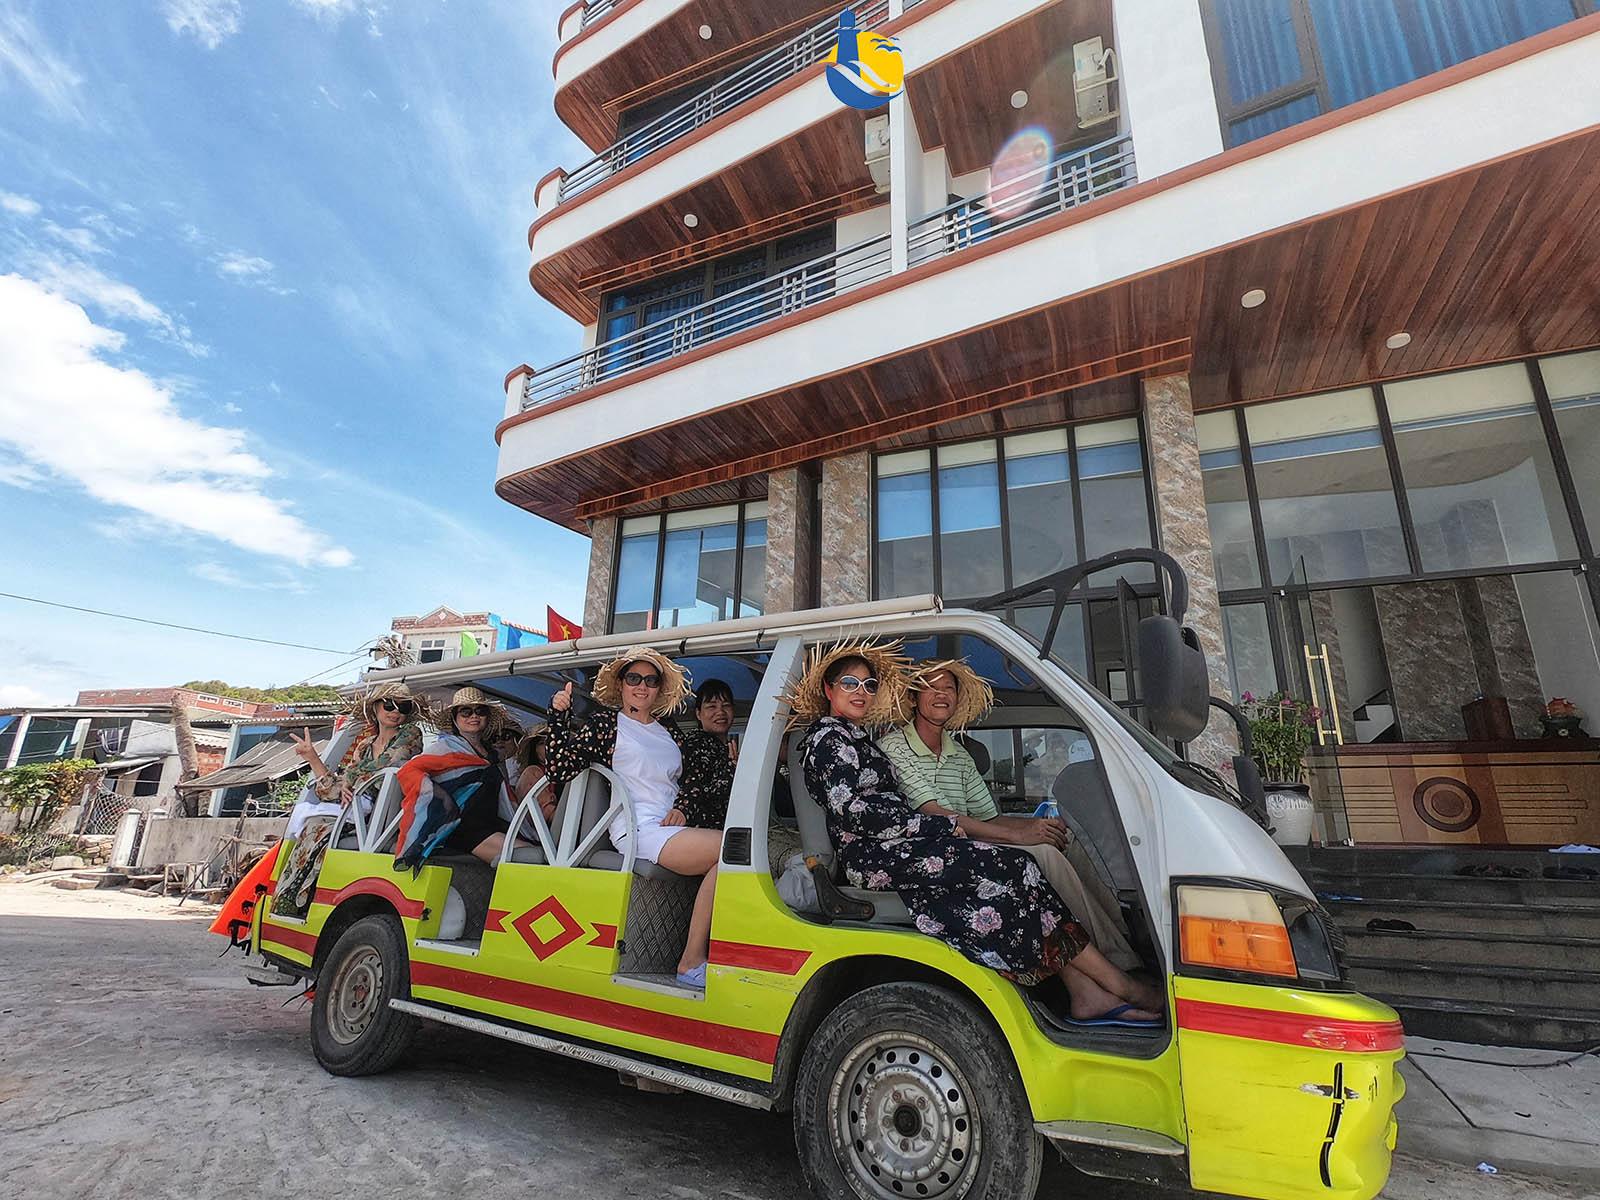 Hình ảnh du khách tham gia tour cù lao xanh